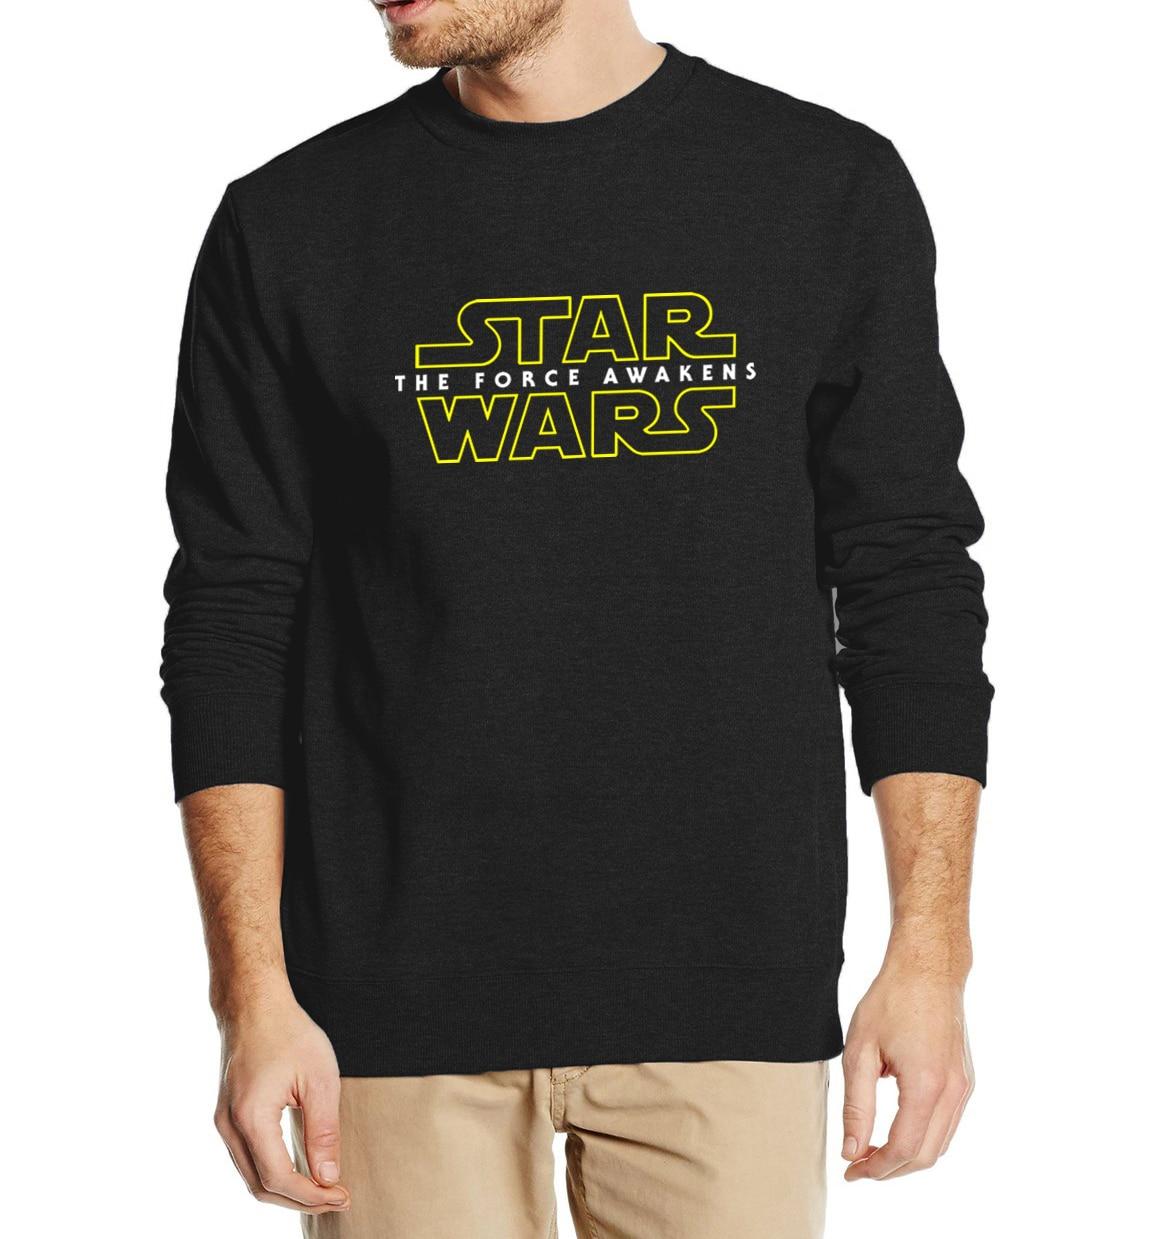 De Kracht Wekt Star Wars Mannen Sweater Truien 2019 Herfst Winter Fashion Cool Streetwear Hip Hop Stijl Trainingspak Slim